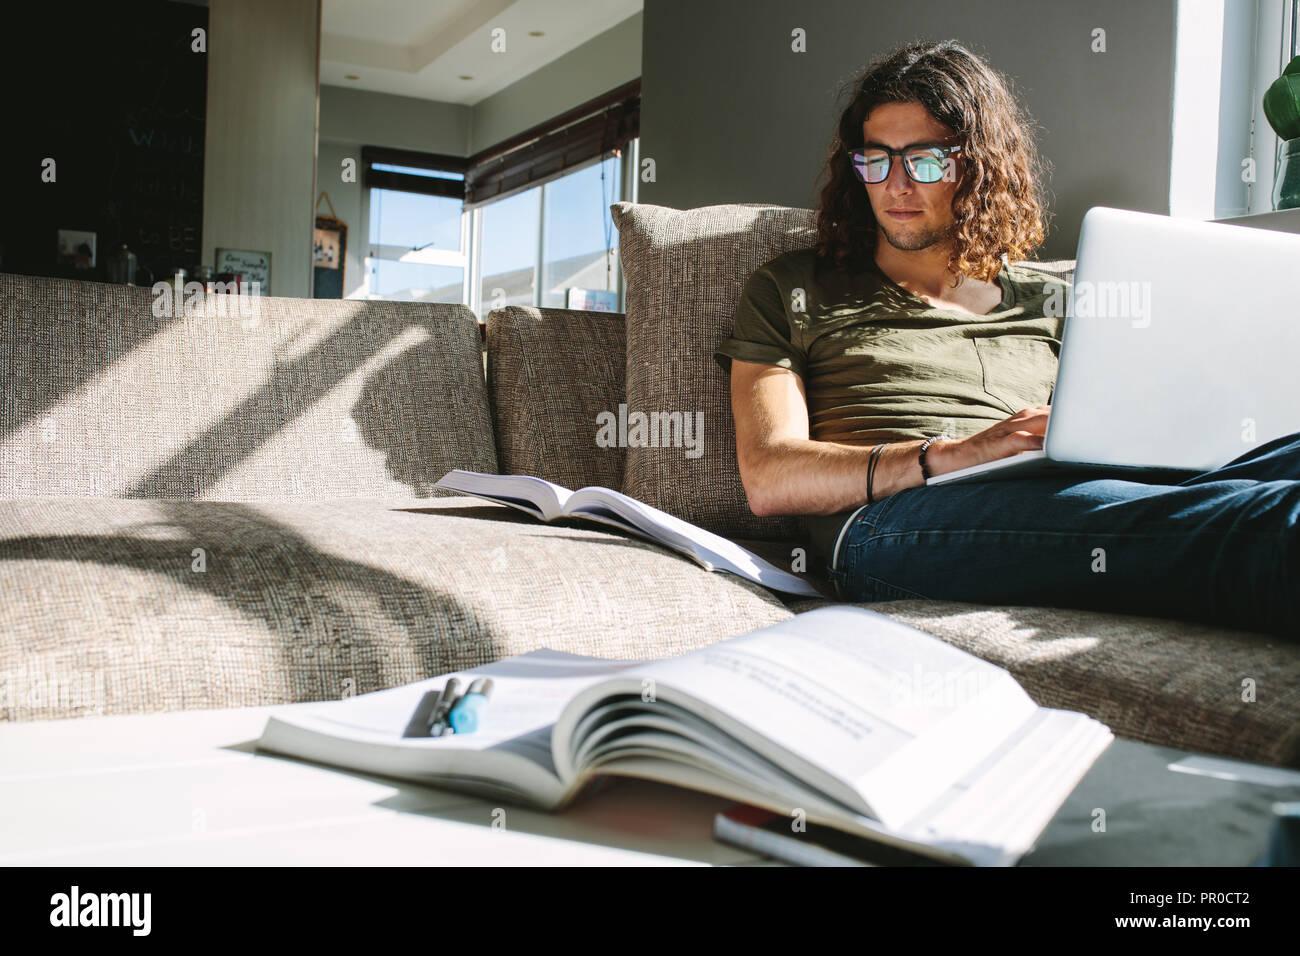 Joven de estudiar para los exámenes sentado en la cama en casa de luz procedente de la ventana. Estudiante para el examen en portátil con libros en la parte delantera. Imagen De Stock